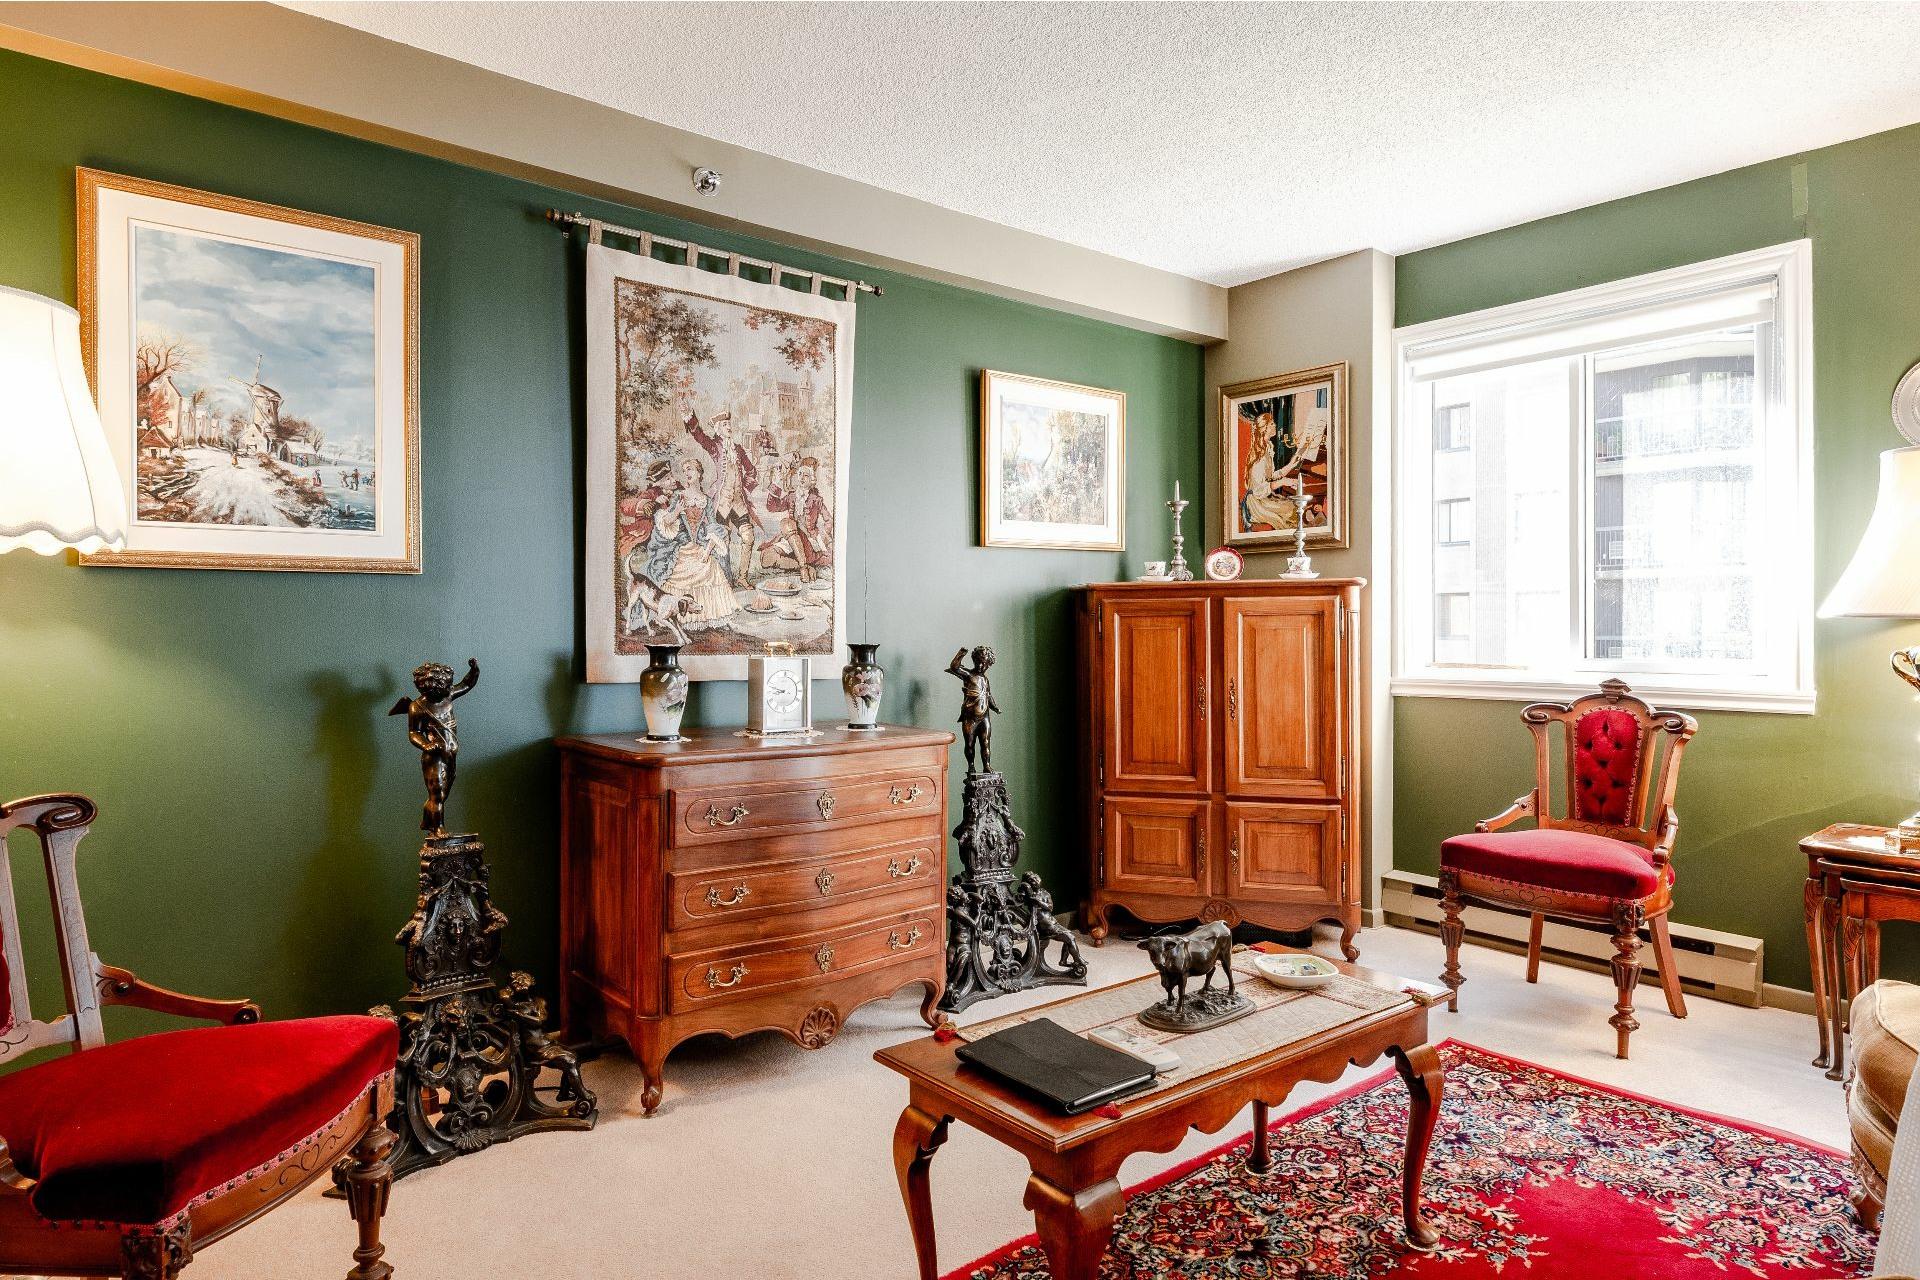 image 2 - Apartment For sale Pierrefonds-Roxboro Montréal  - 5 rooms